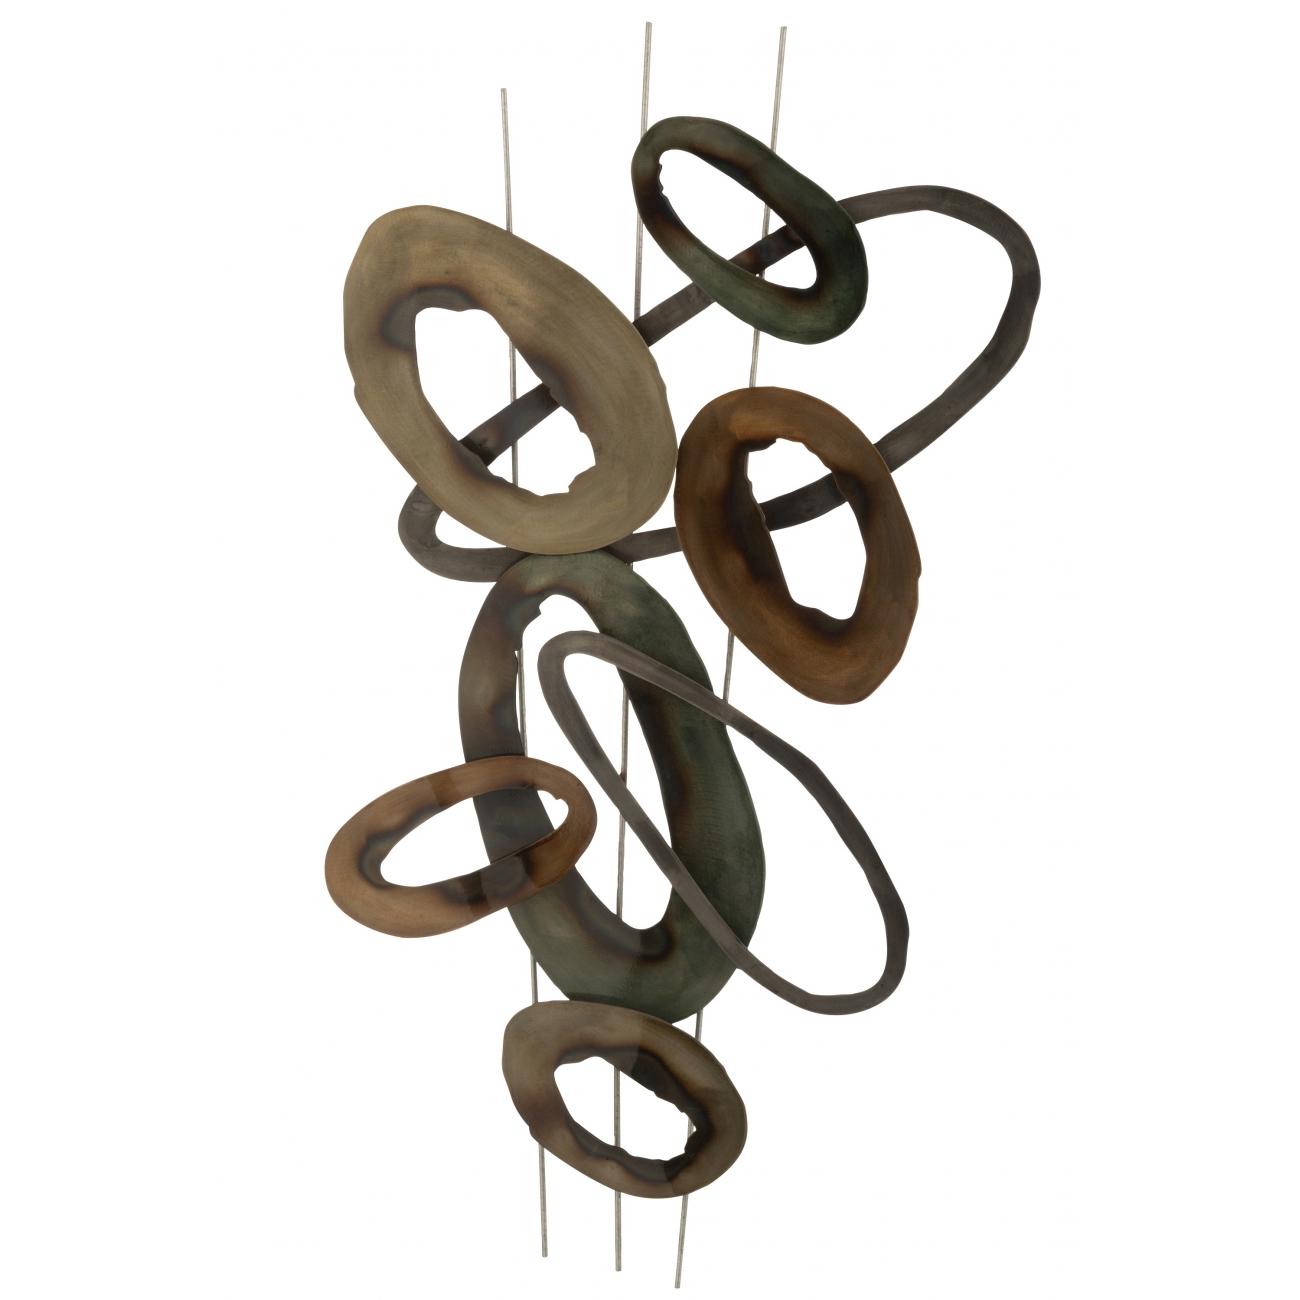 Панно J-LINE настенный декор металлический в коричневом и зеленом цвете 91х50 см Бельгия